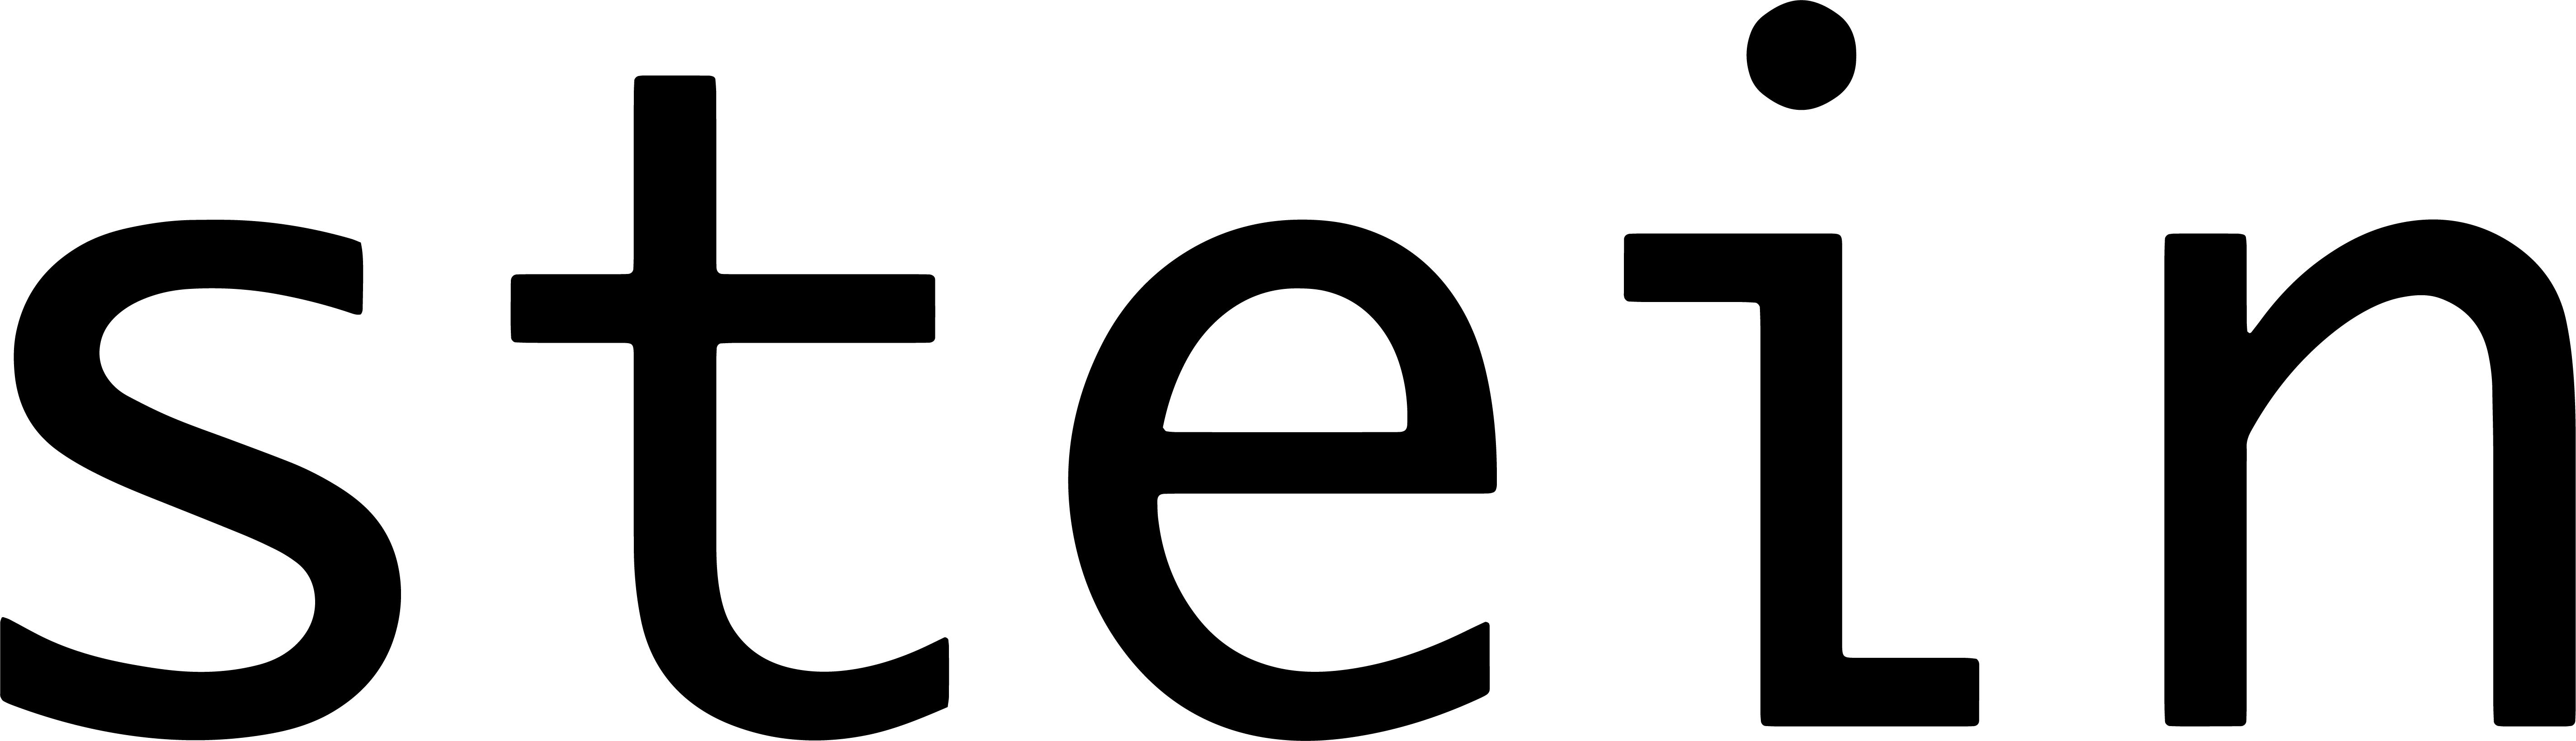 steinのロゴ